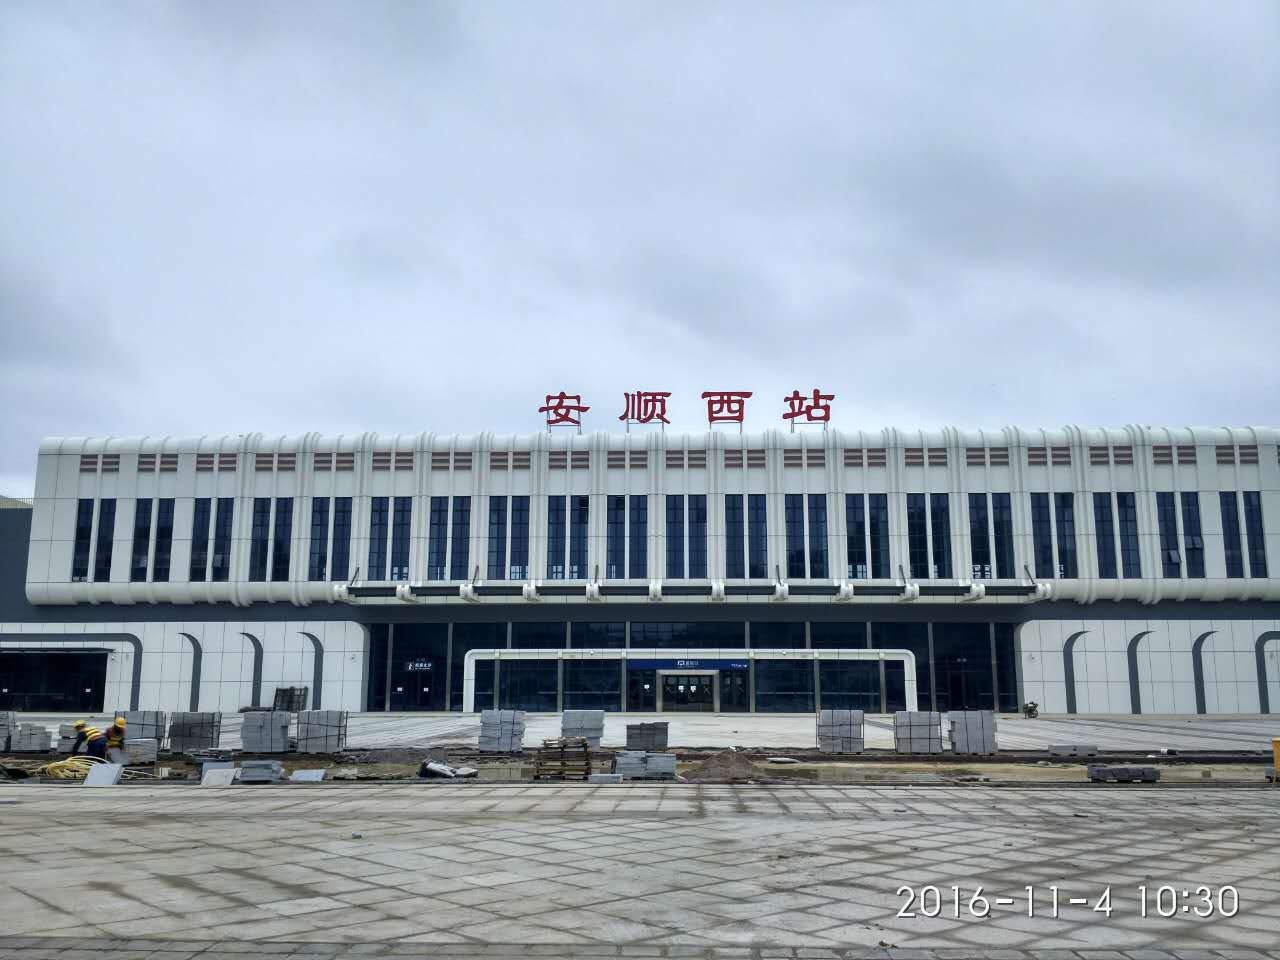 沪昆安顺西站站房工程(贵州省黄果树杯奖)